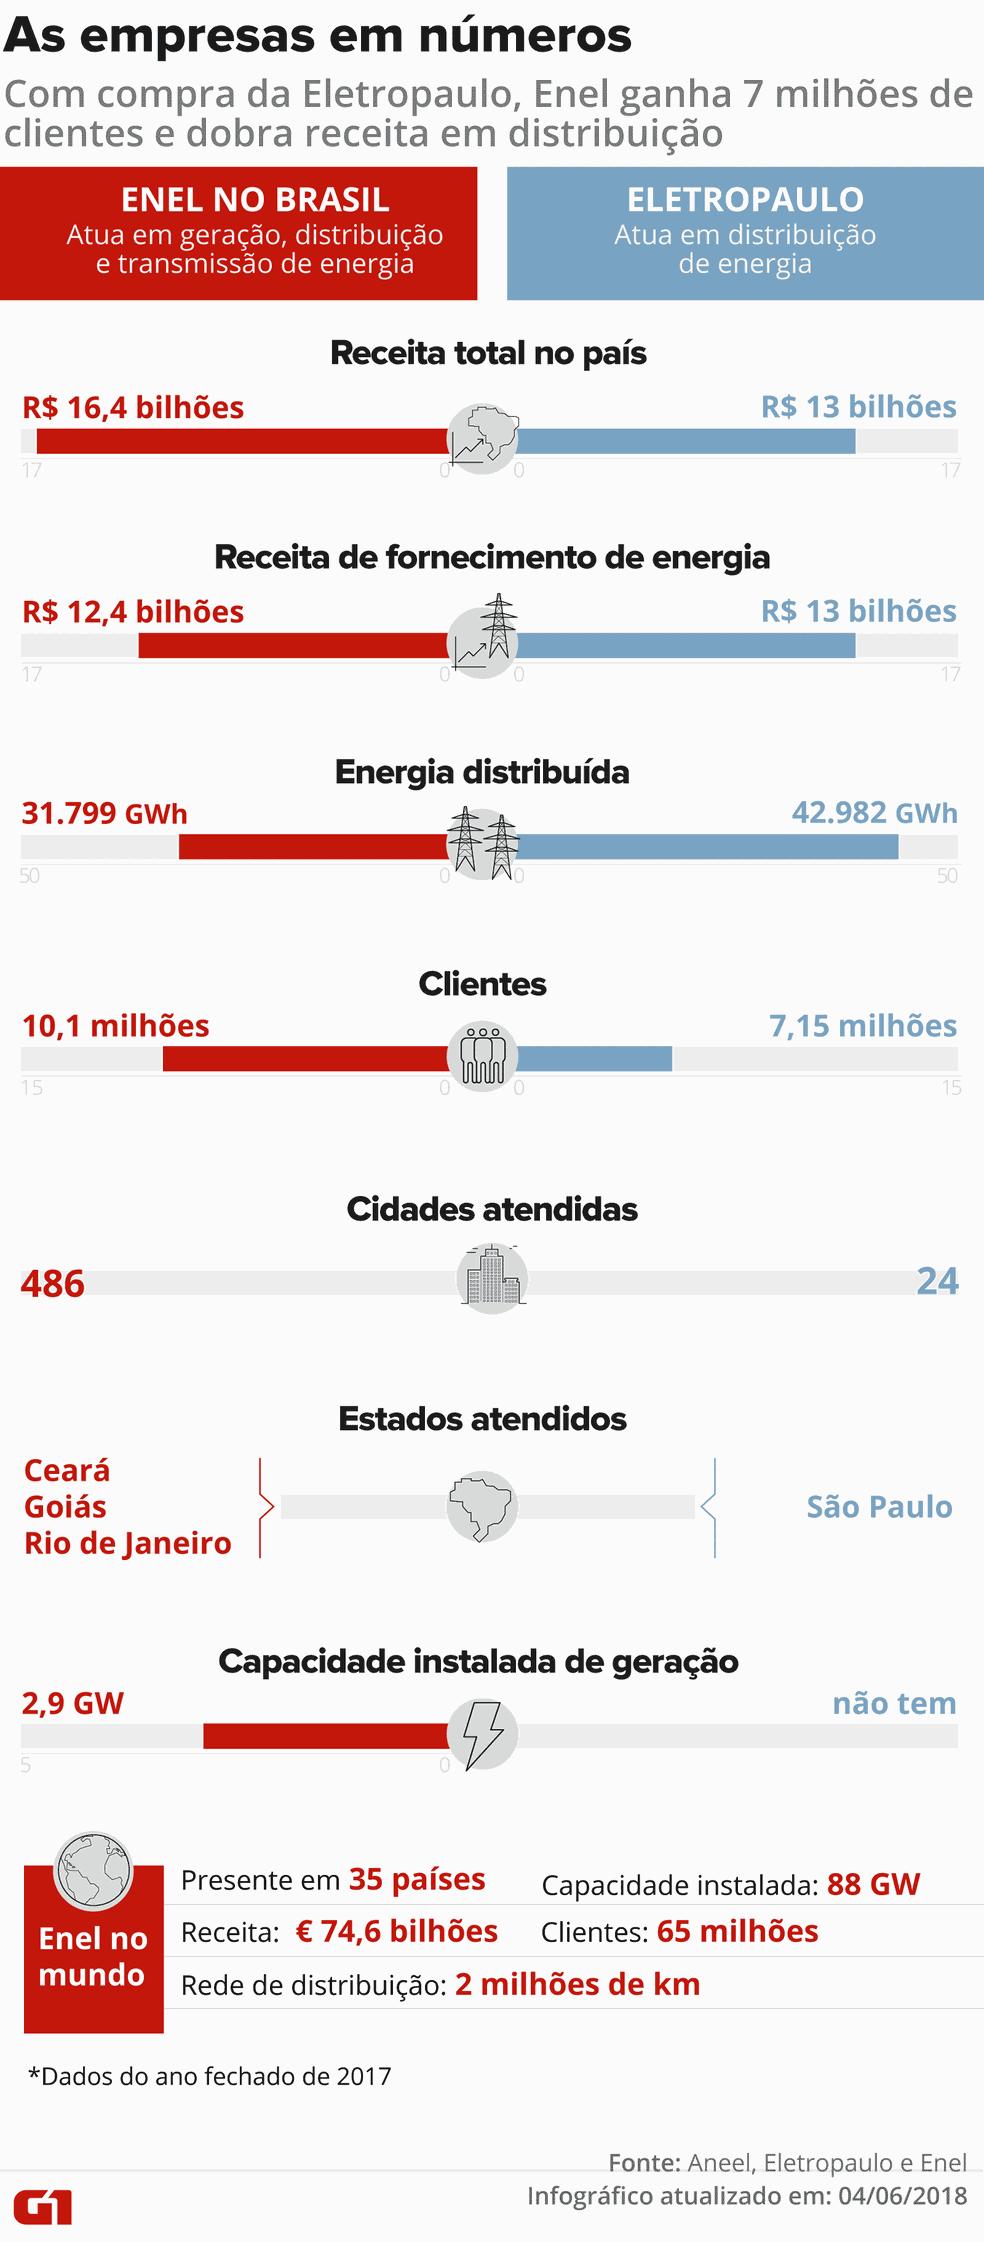 O tamanho da Enel e da Eletropaulo em número de clientes, energia distribuída e receita (Foto: Claudia Peixoto/Arte G1)